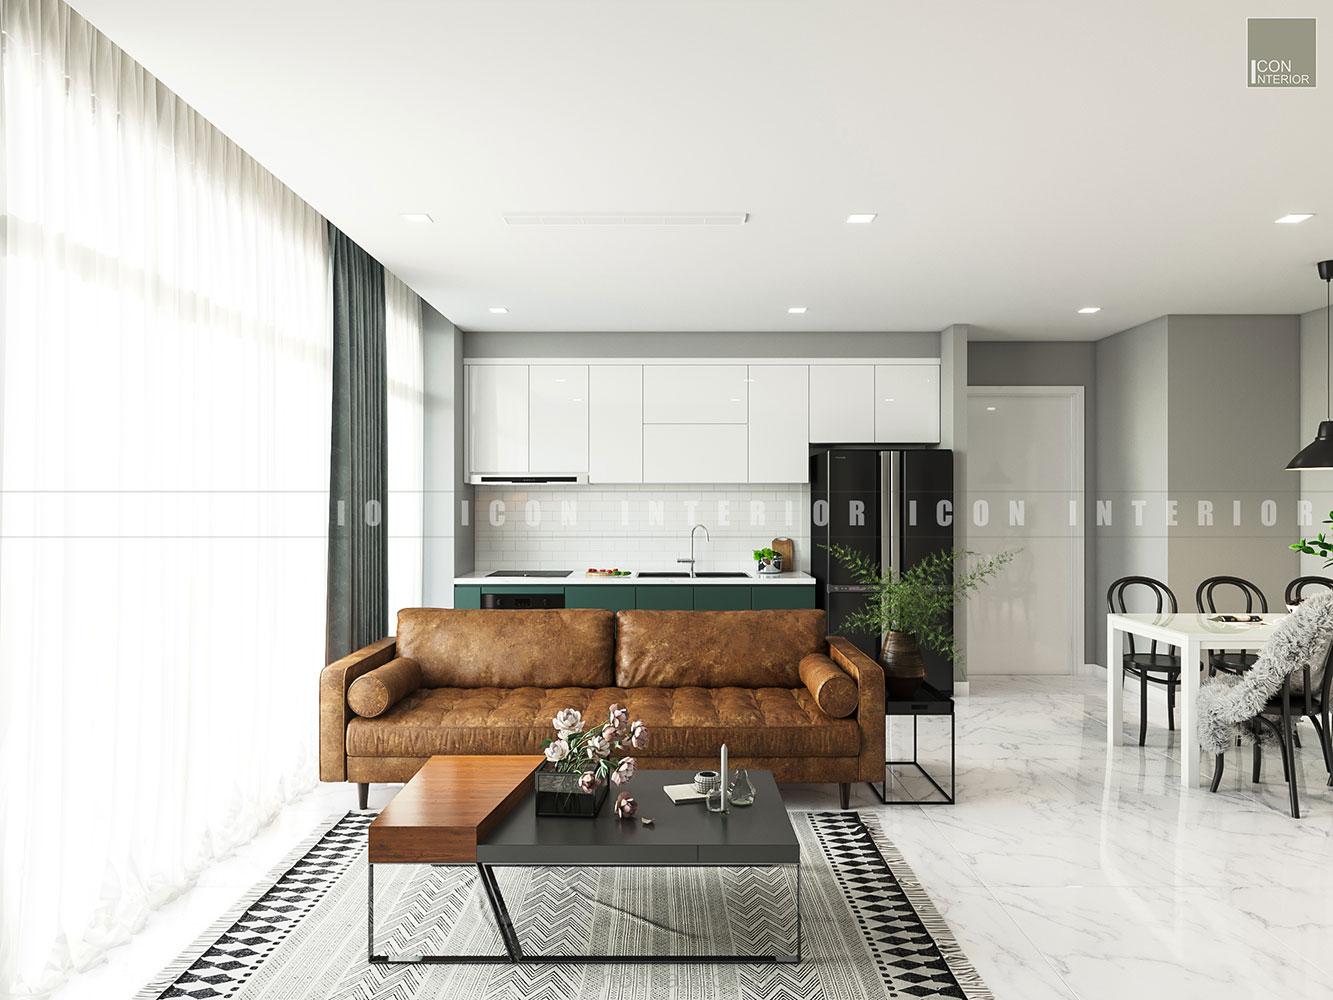 thiết kế nội thất căn hộ vinhomes ba son - phòng khách